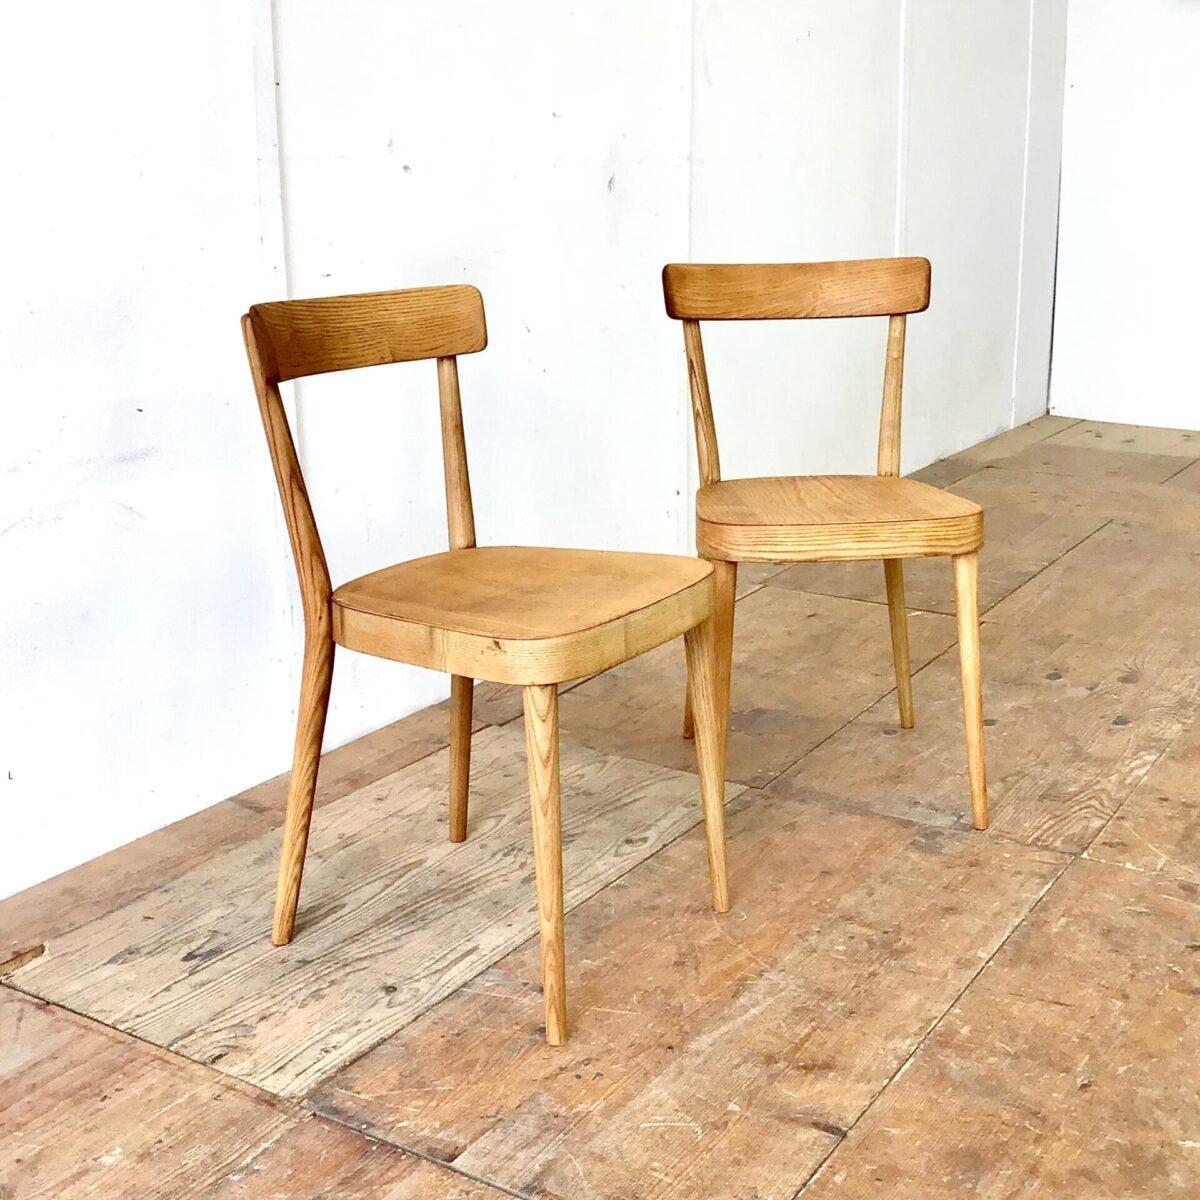 Zwei horgenglarus Stühle von Max Moser aus Eschenholz. Die Stühle sind stabil, Vorderbeine teilweise frisch eingeleimt. Komplett geschliffen und Natur geölt. Warm-matte honiggelbe Ausstrahlung, mit Alterspatina.